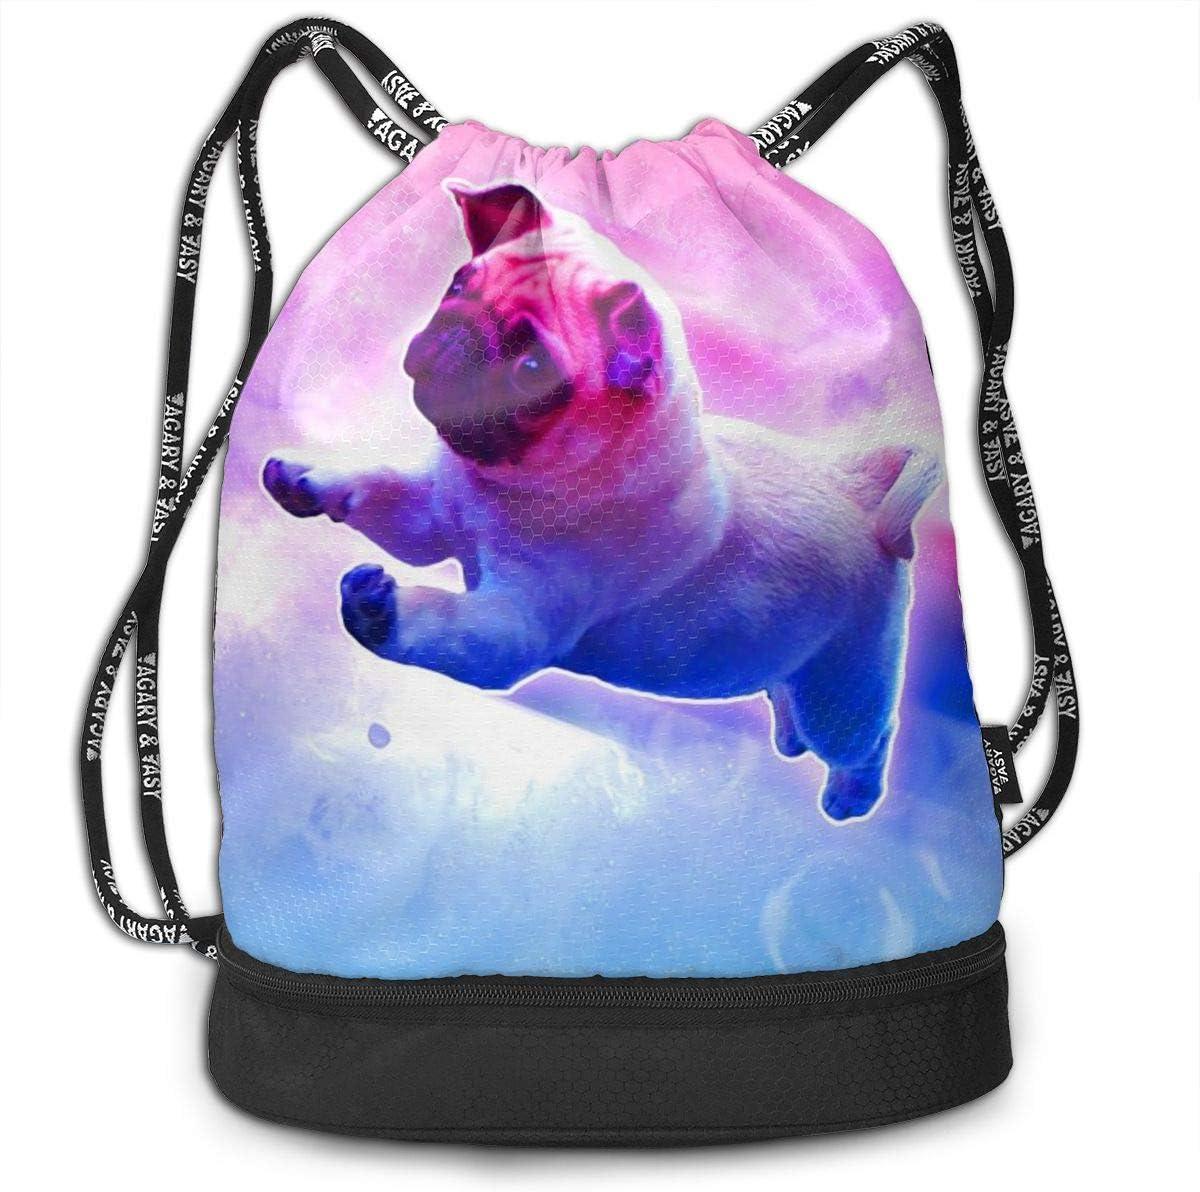 GymSack Drawstring Bag Sackpack Fantasy Rainbow Dog Sport Cinch Pack Simple Bundle Pocke Backpack For Men Women